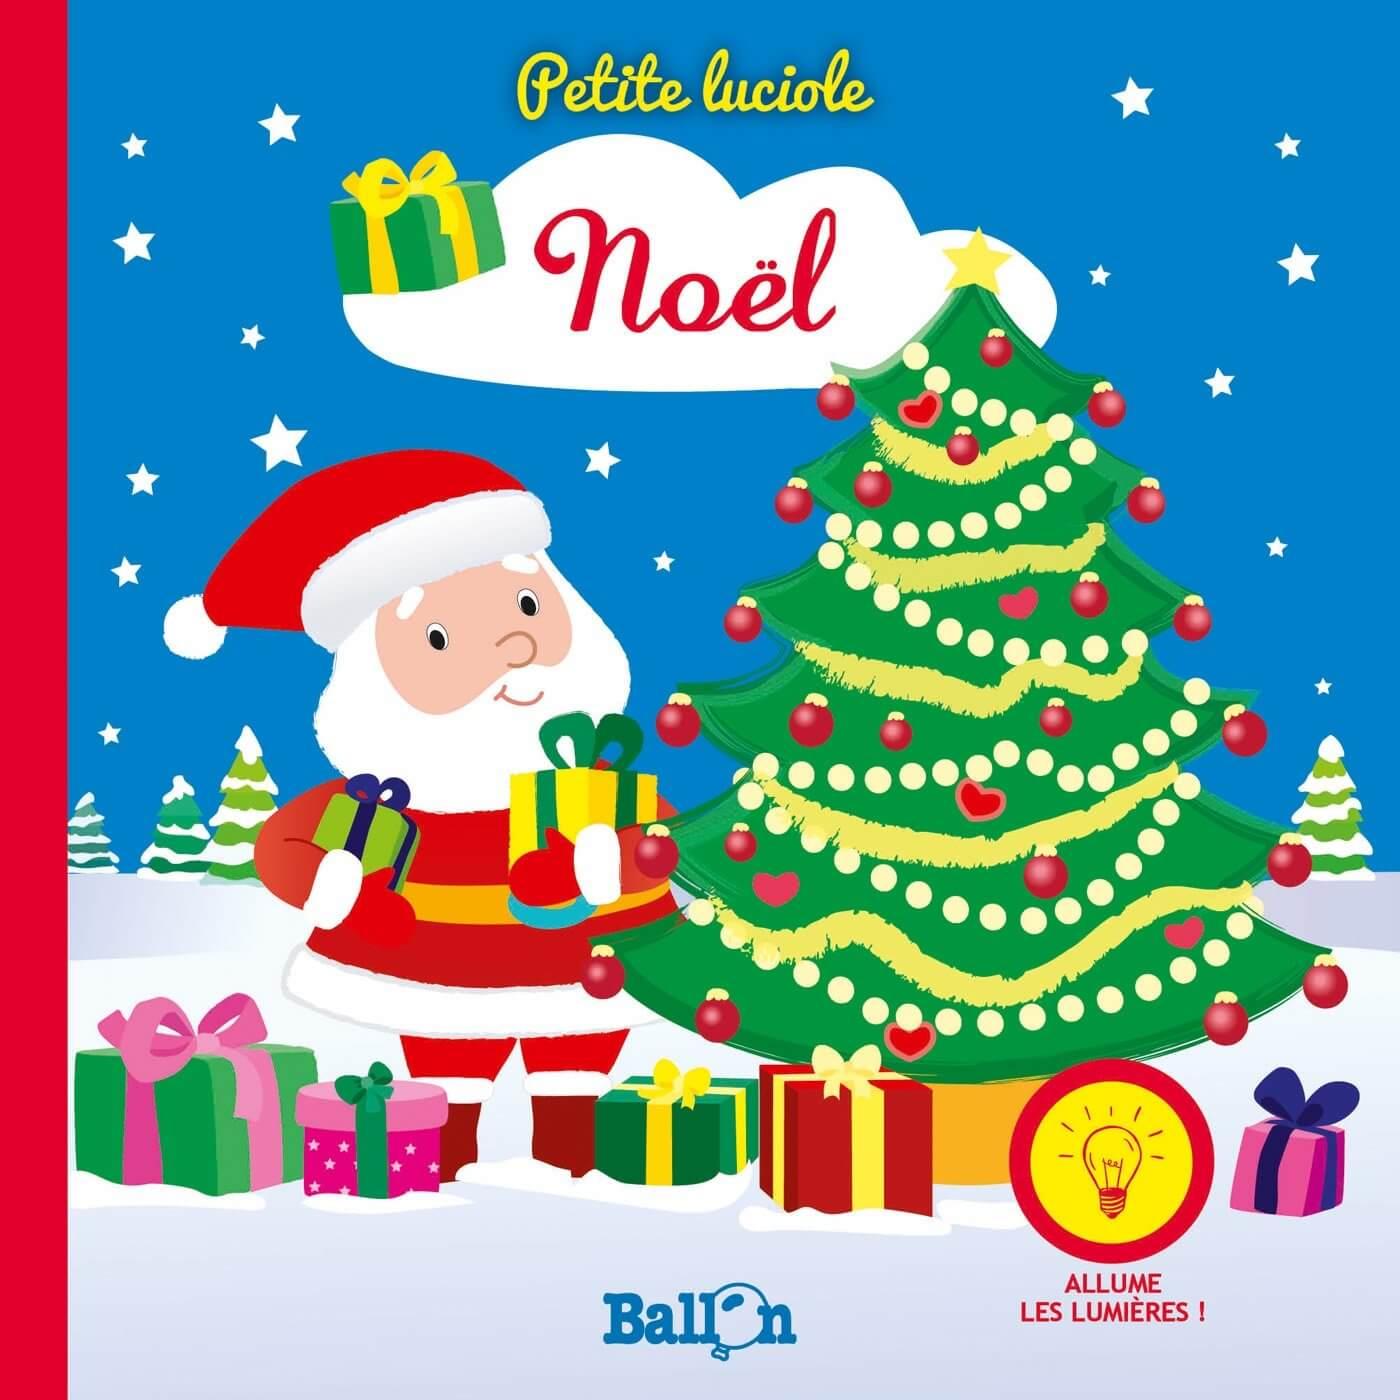 Petite luciole : Noel